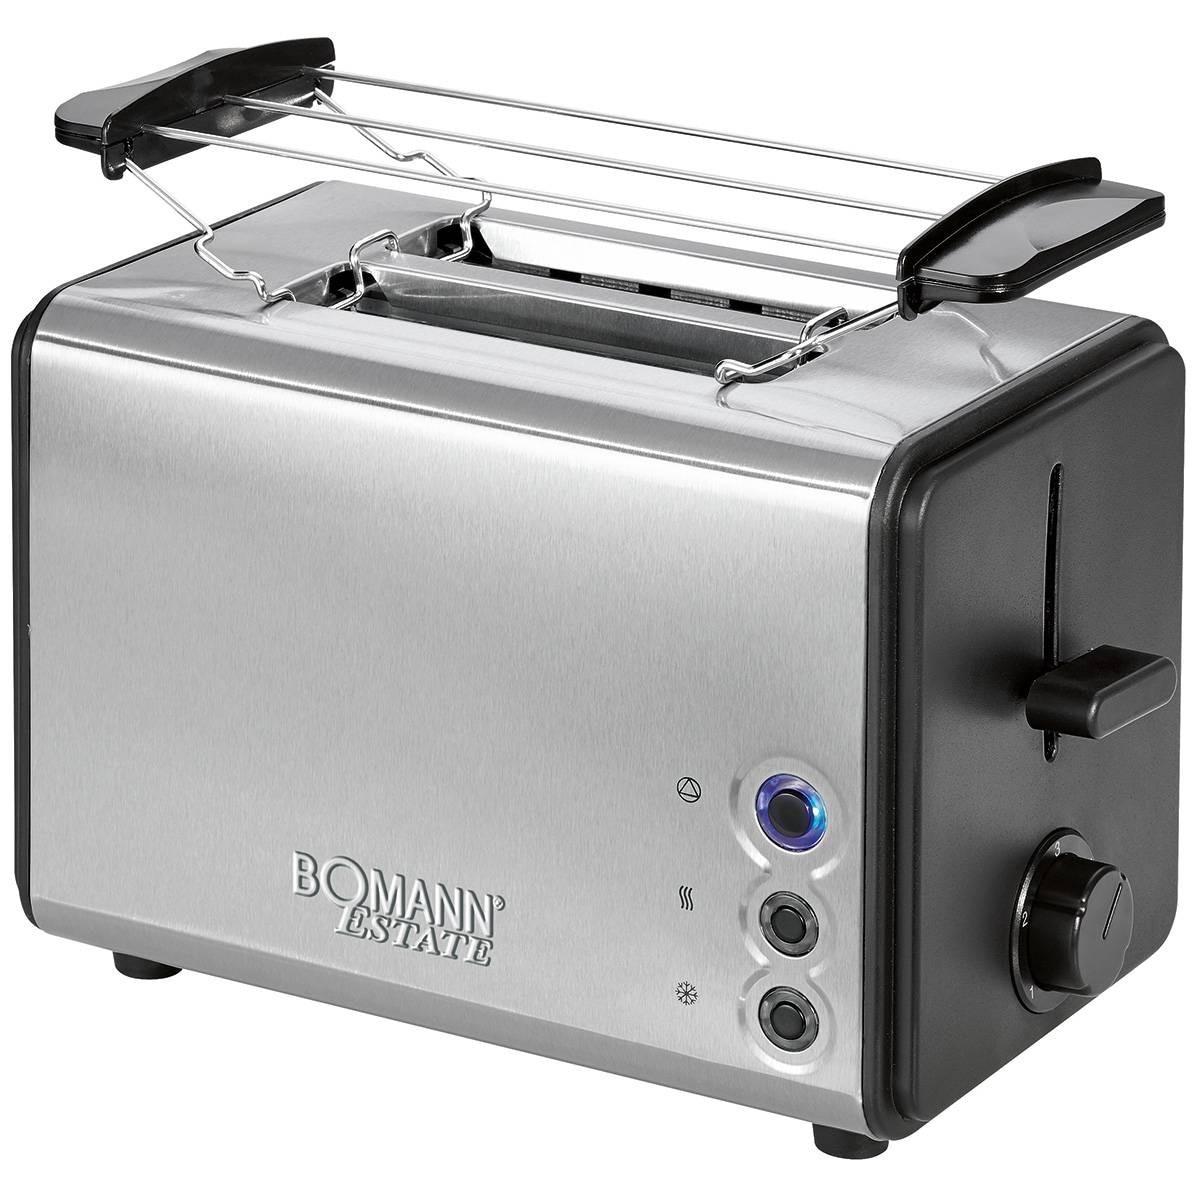 Bomann TA 1371 grille-pain poêle 2 fentes 3 toasts fonctionnels niveau de dégel chaud rôtis pains chauffants 850W Inox